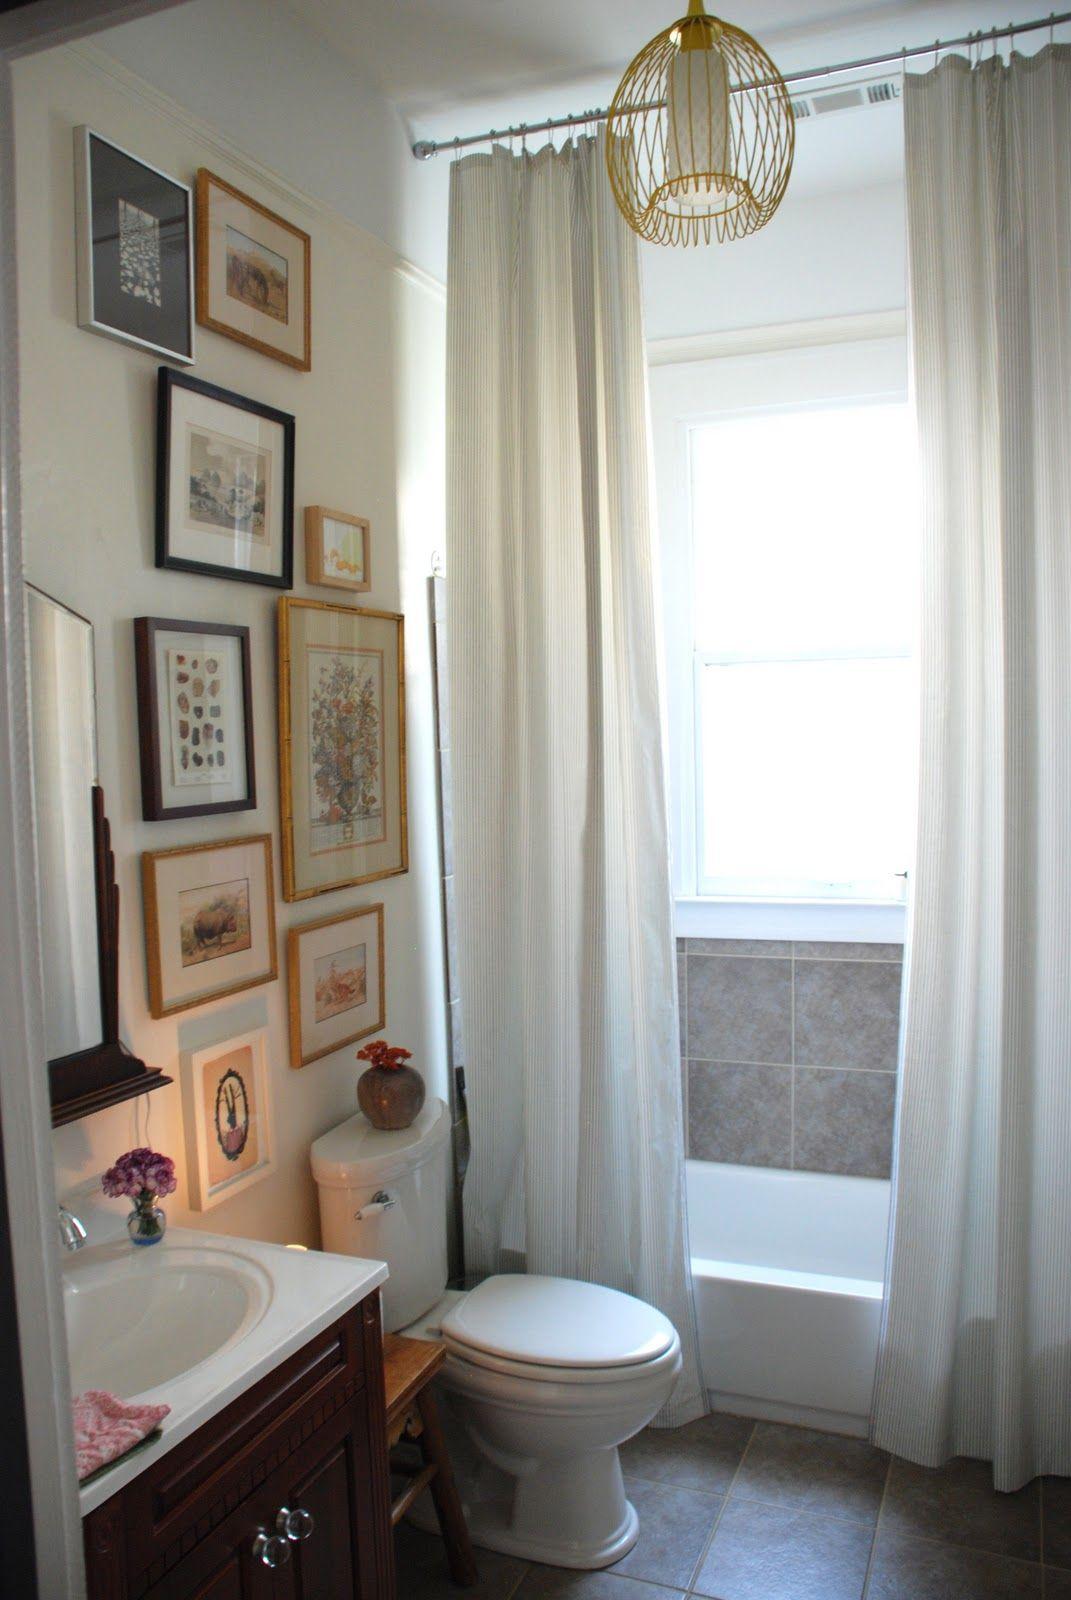 Jcpenney Bathroom Window Curtains Curtain Menzilperde Net